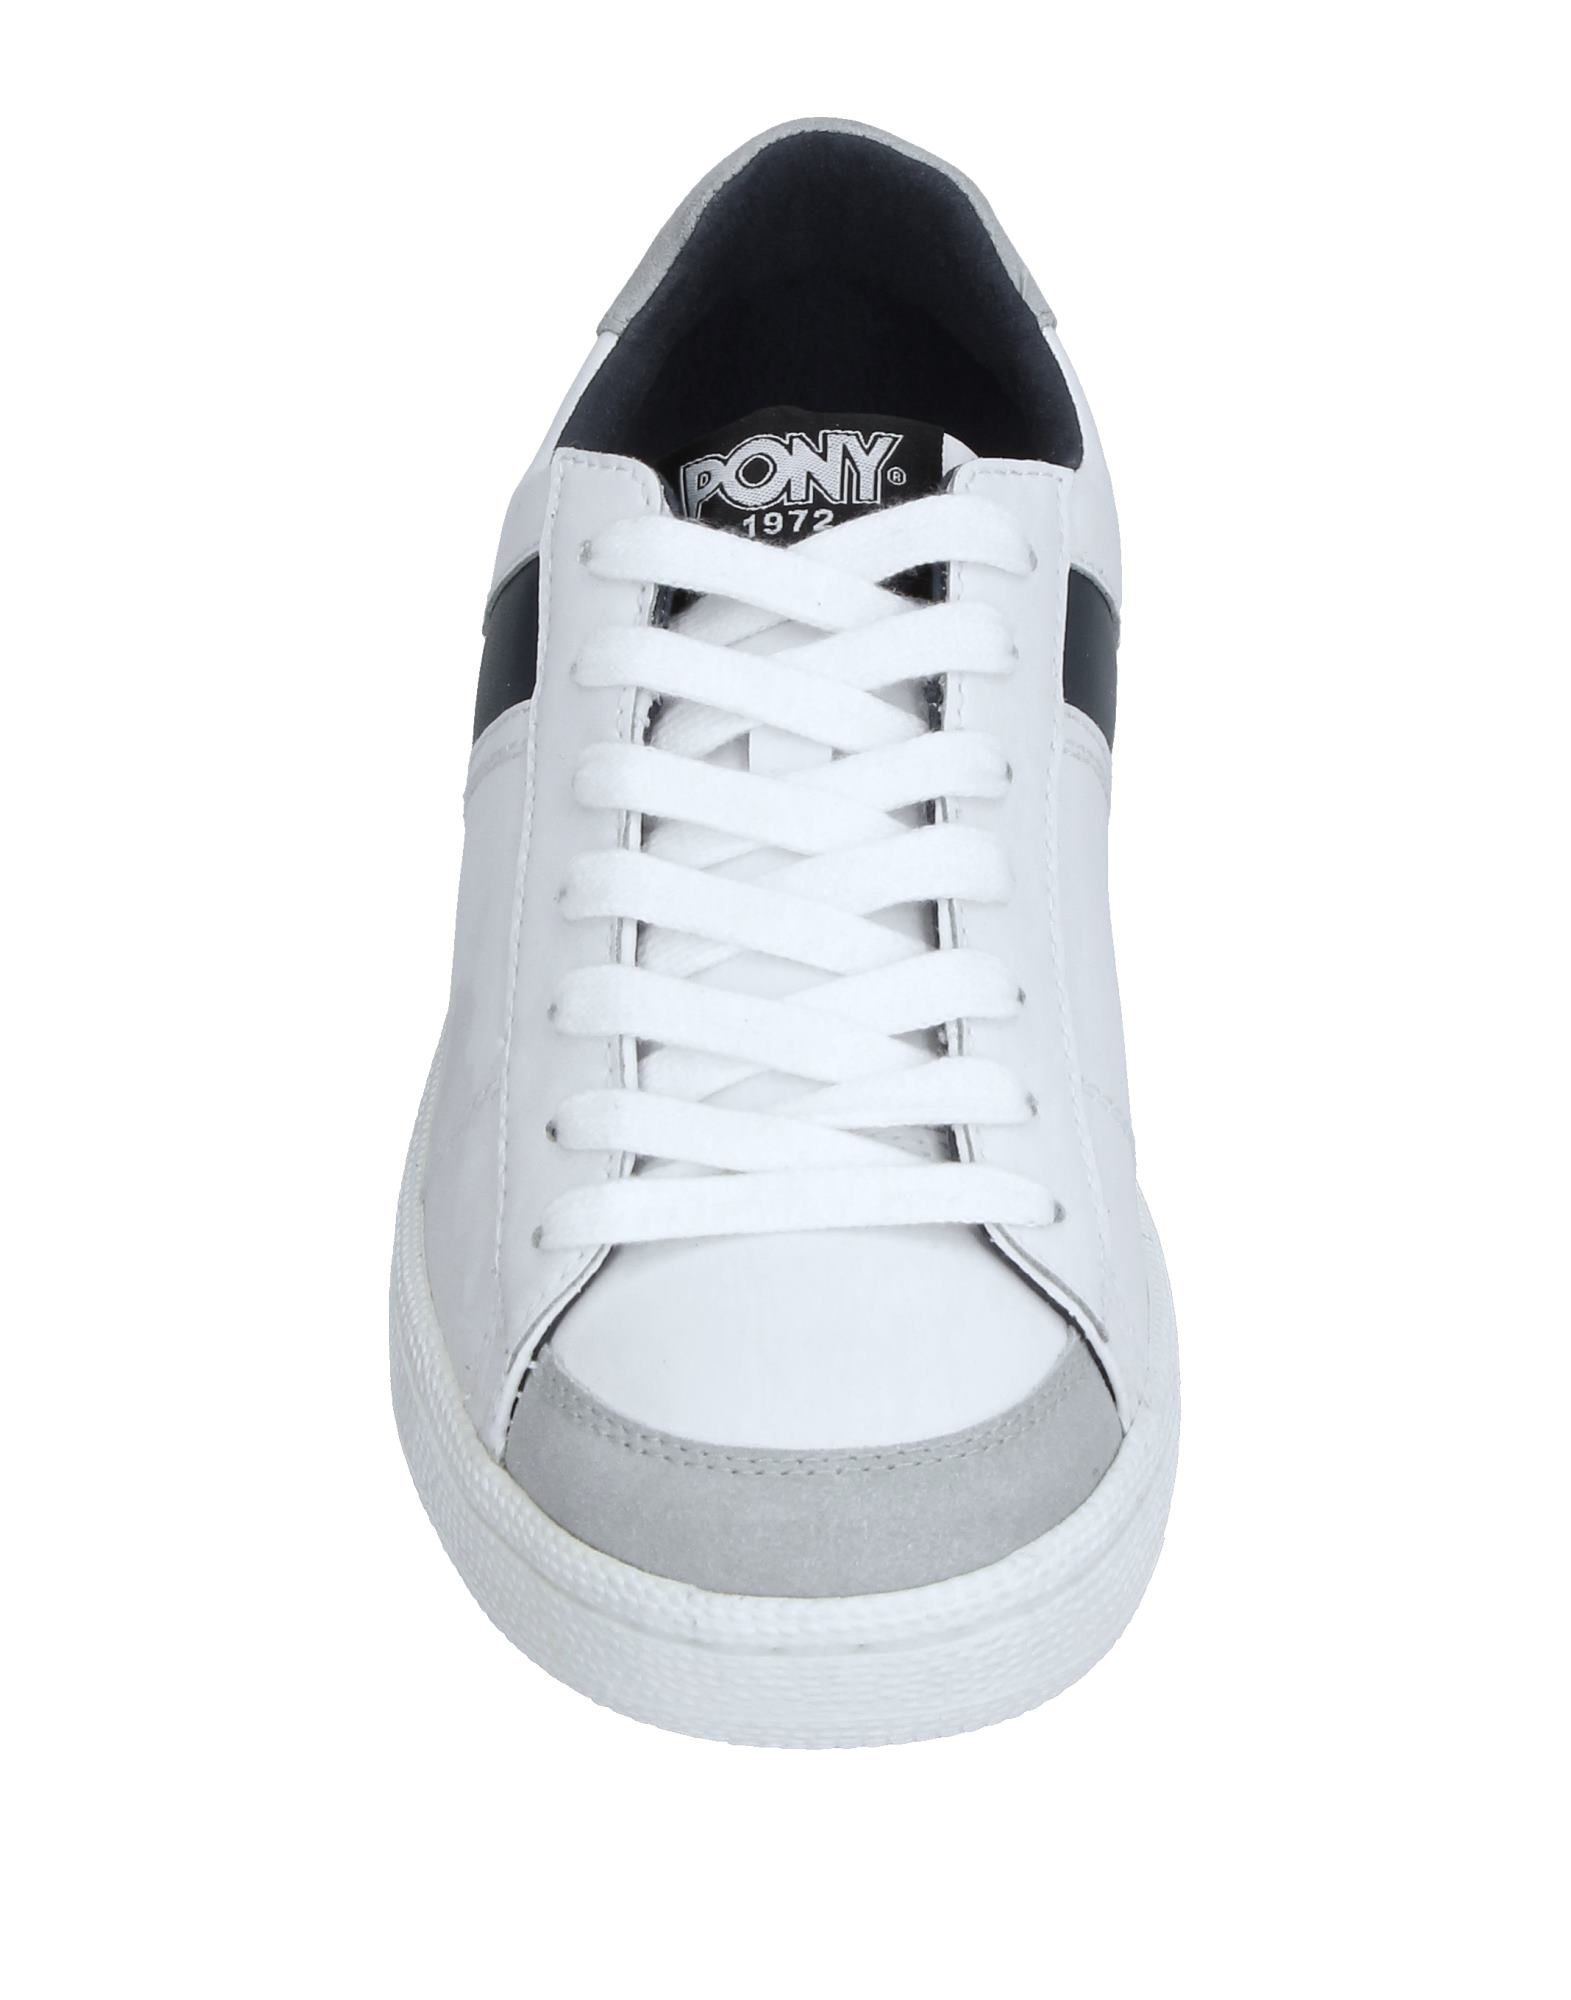 Klassischer Stil-26921,Pony Sneakers Damen sich Gutes Preis-Leistungs-Verhältnis, es lohnt sich Damen 96d4f4